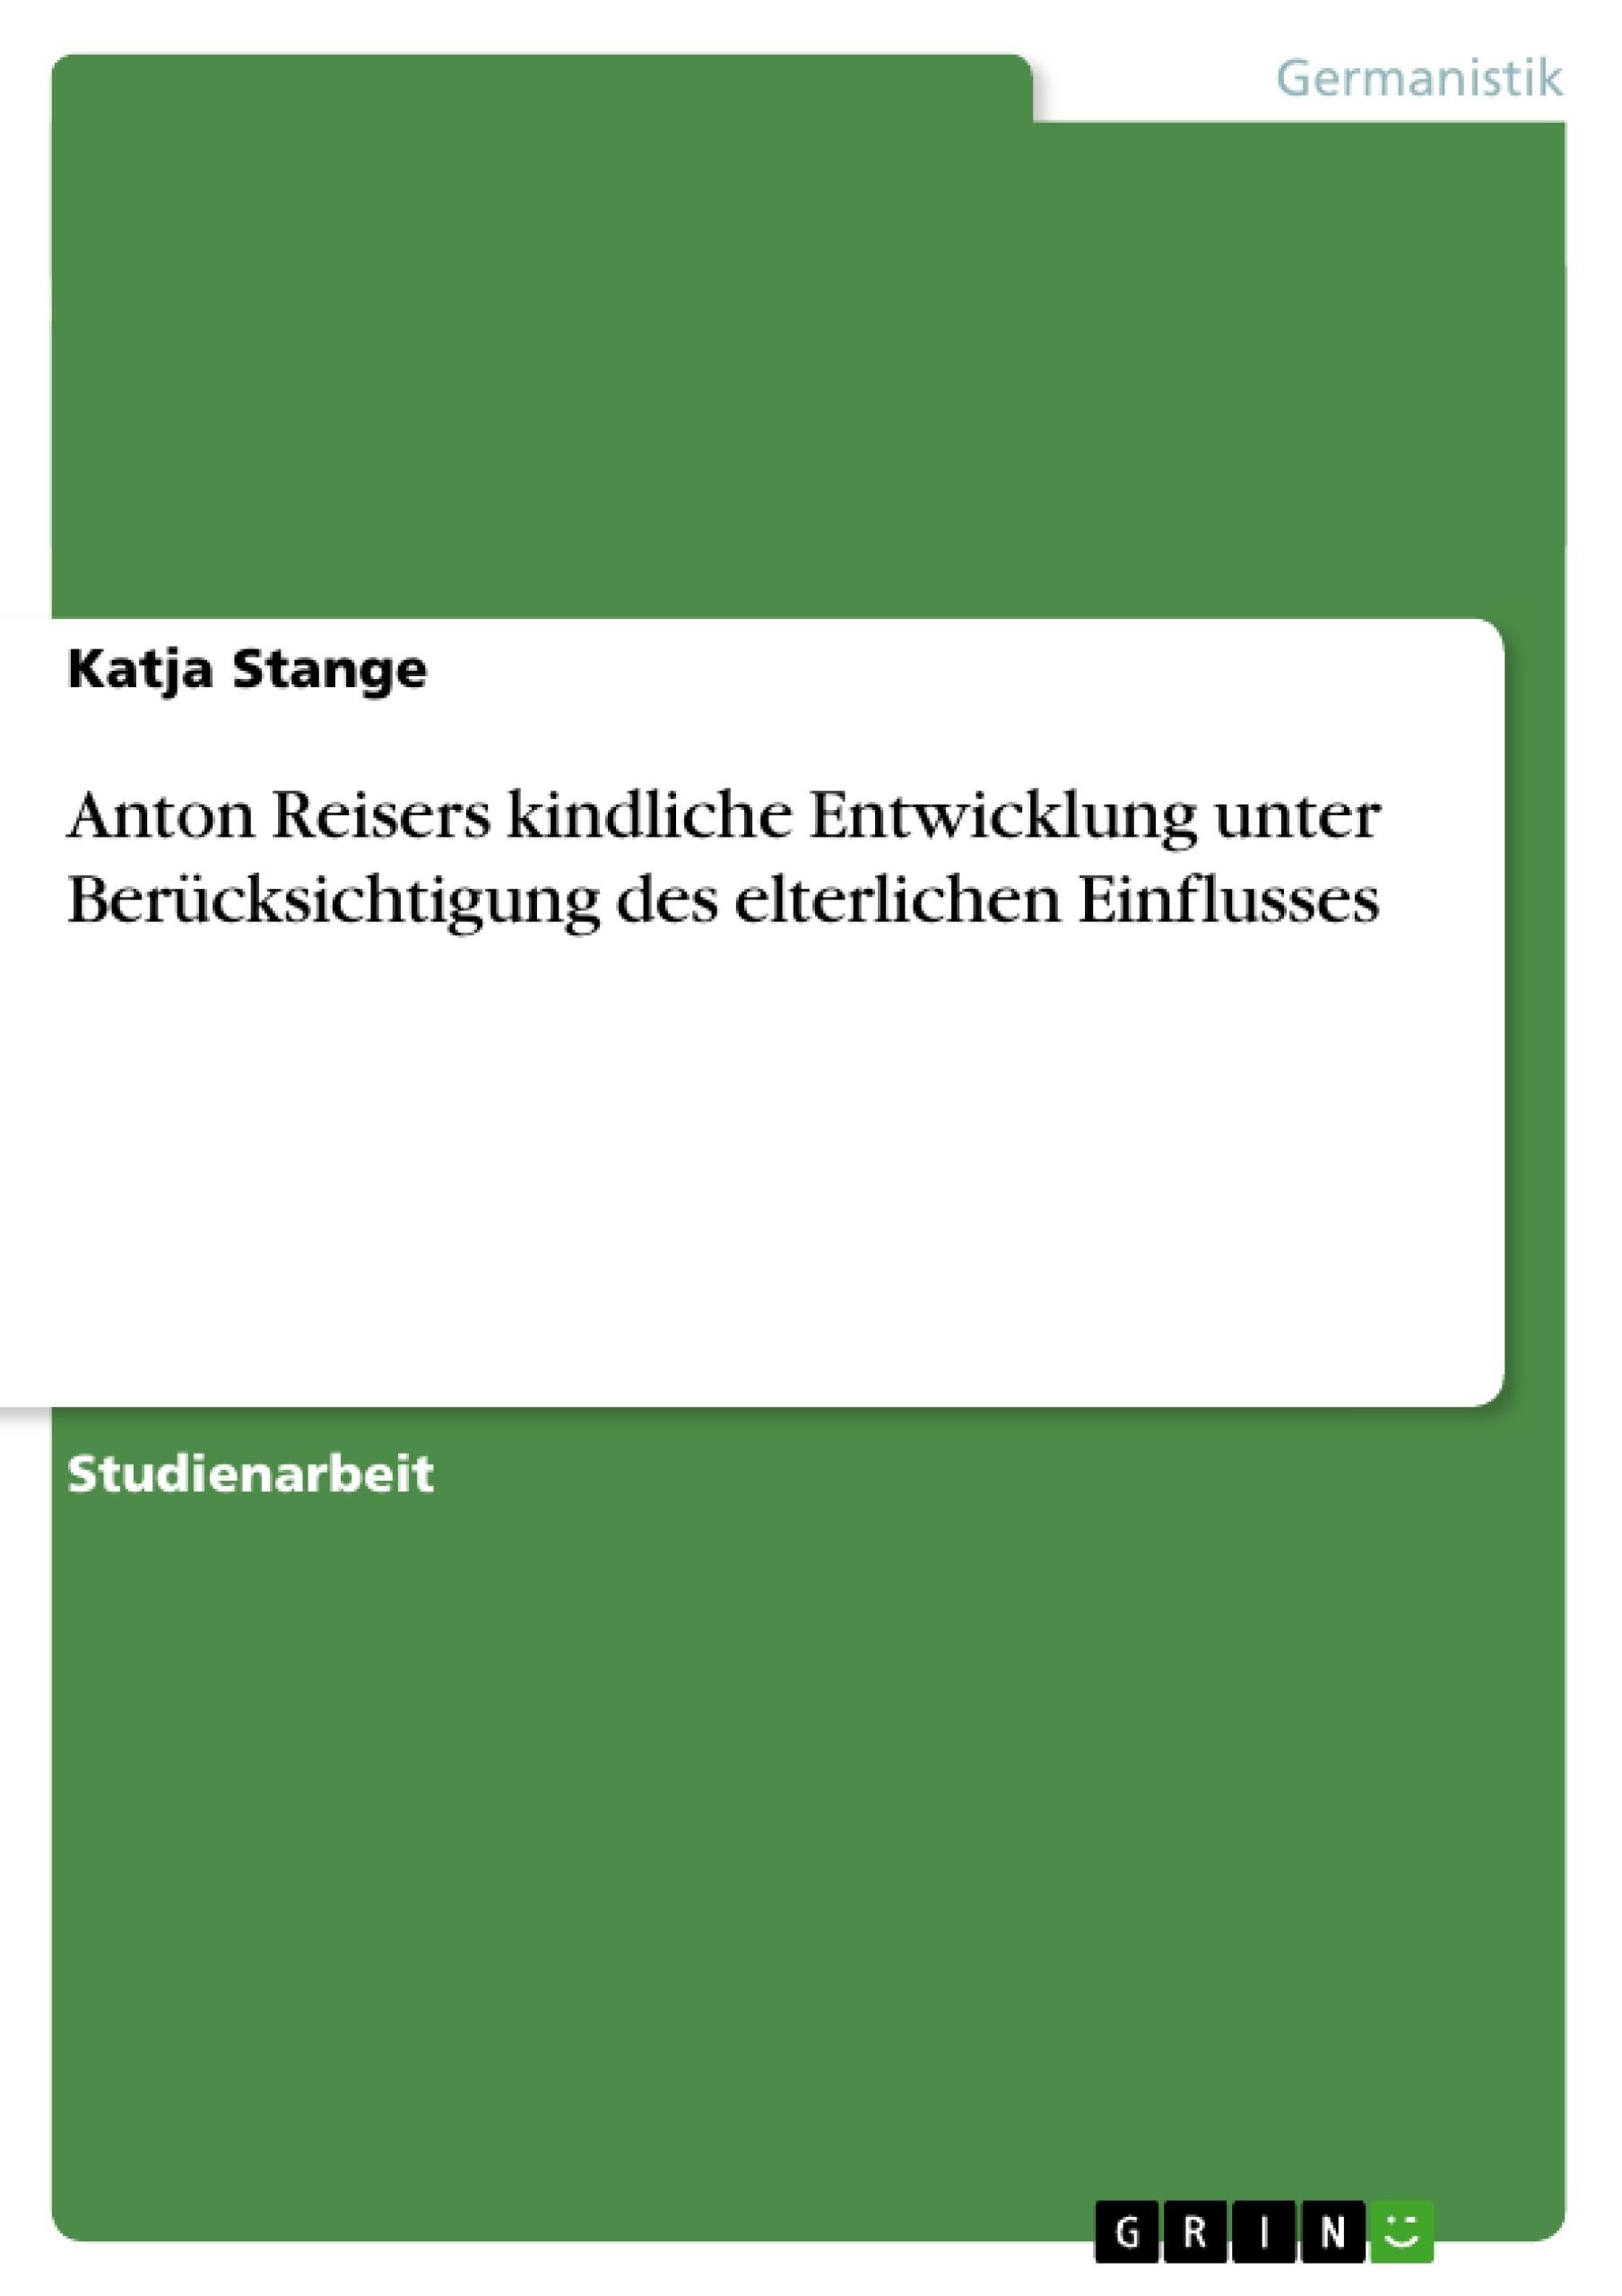 Titel: Anton Reisers kindliche Entwicklung unter Berücksichtigung des elterlichen Einflusses